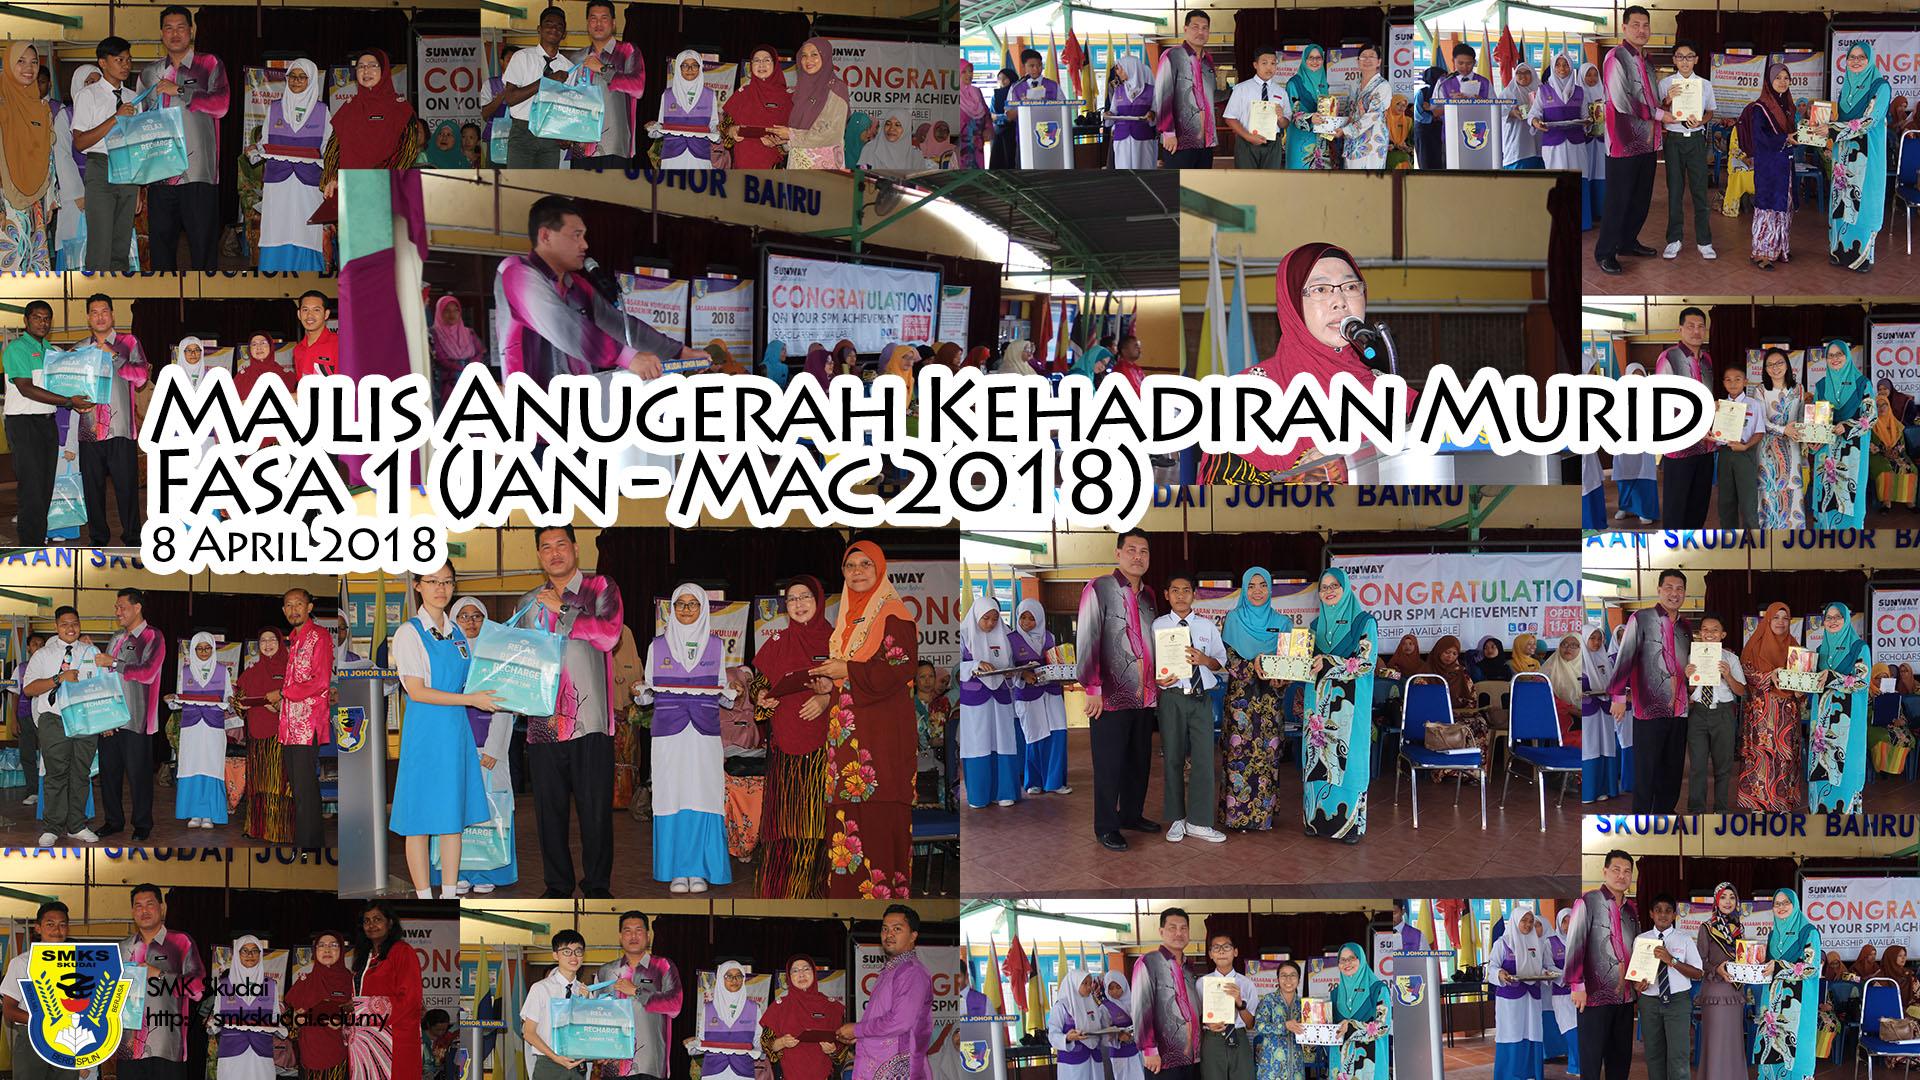 Majlis Anugerah Kehadiran Murid Fasa 1 (Januari – Mac 2018)